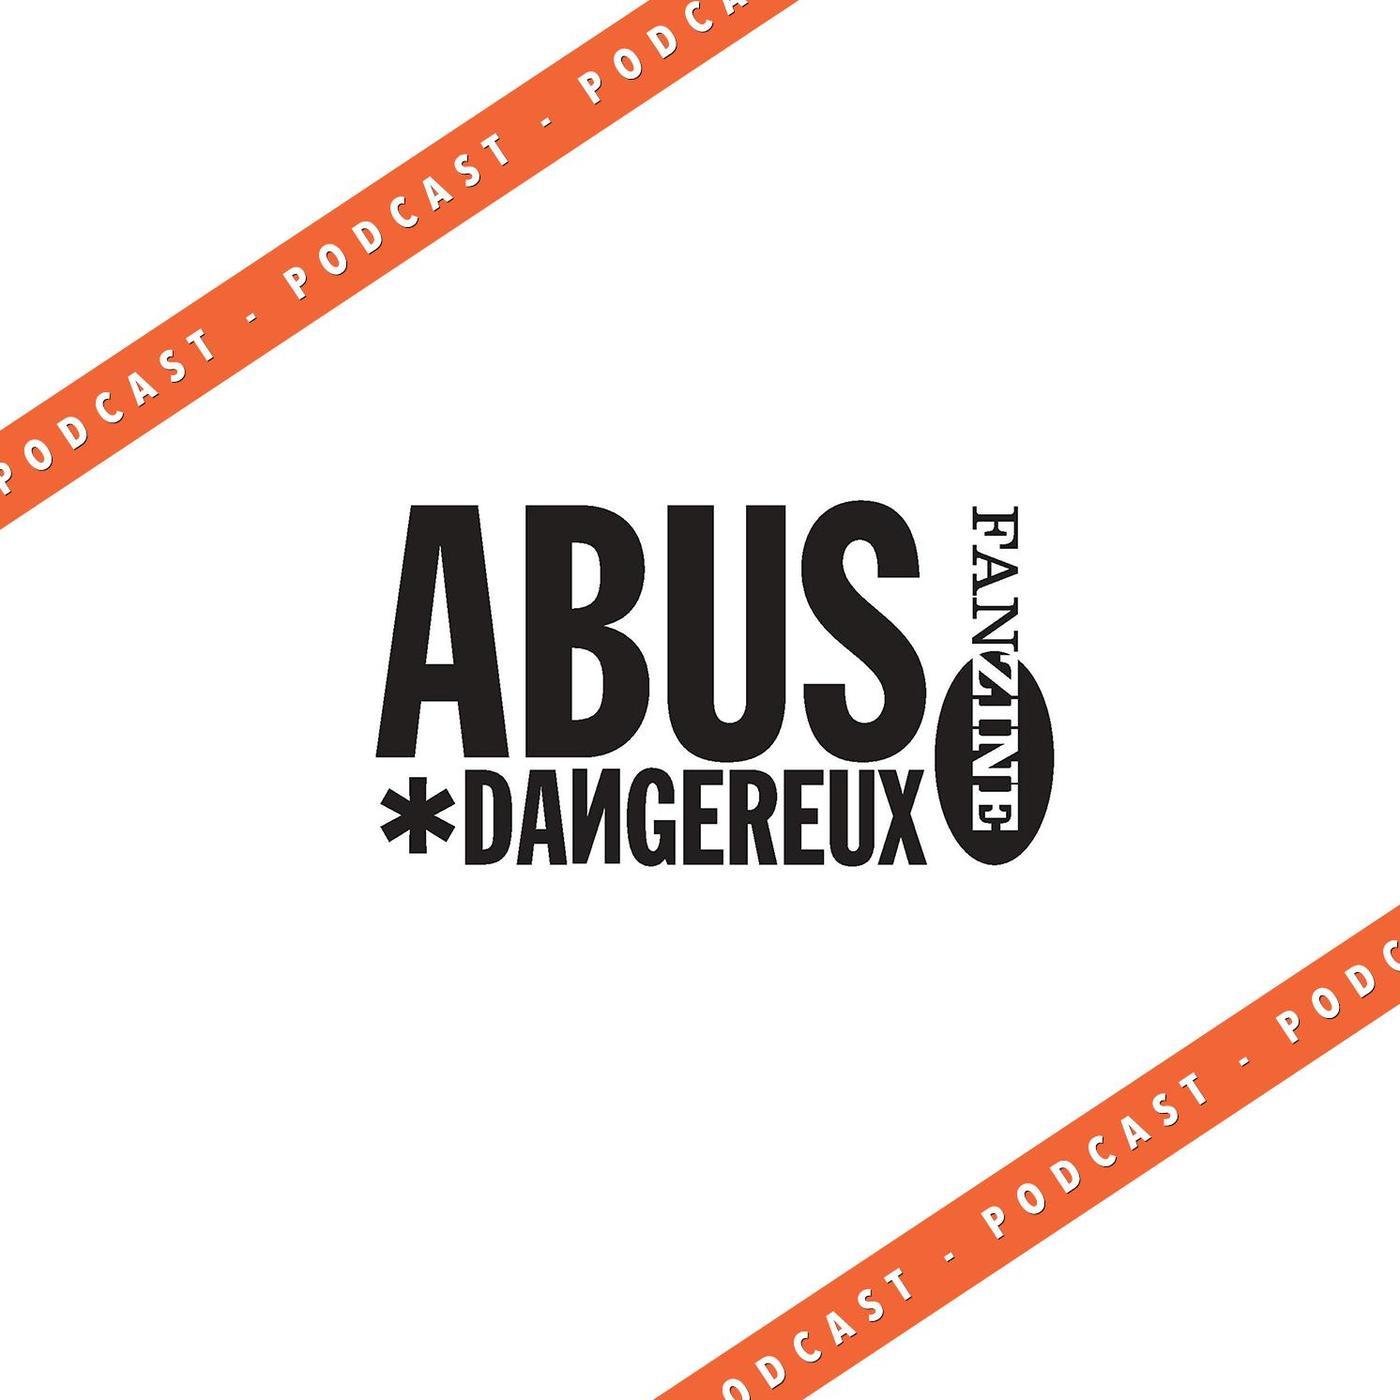 Abus Dangereux 157 - Extrait 4